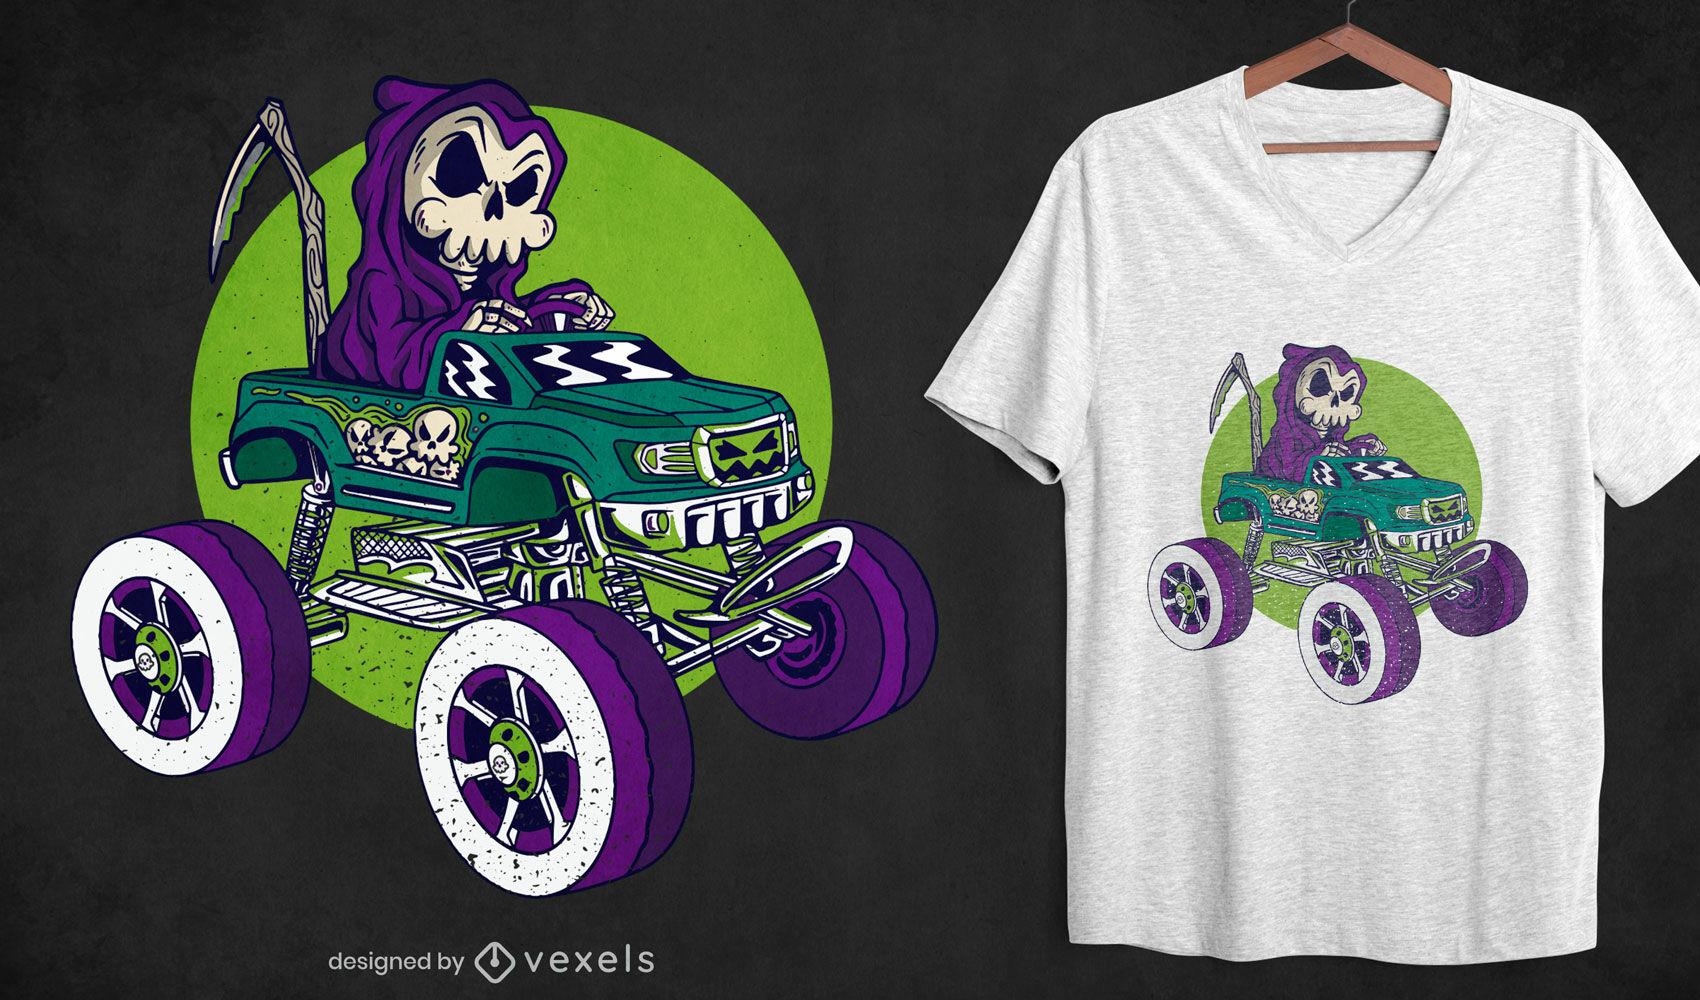 Grim reaper en dise?o de camiseta de monster truck